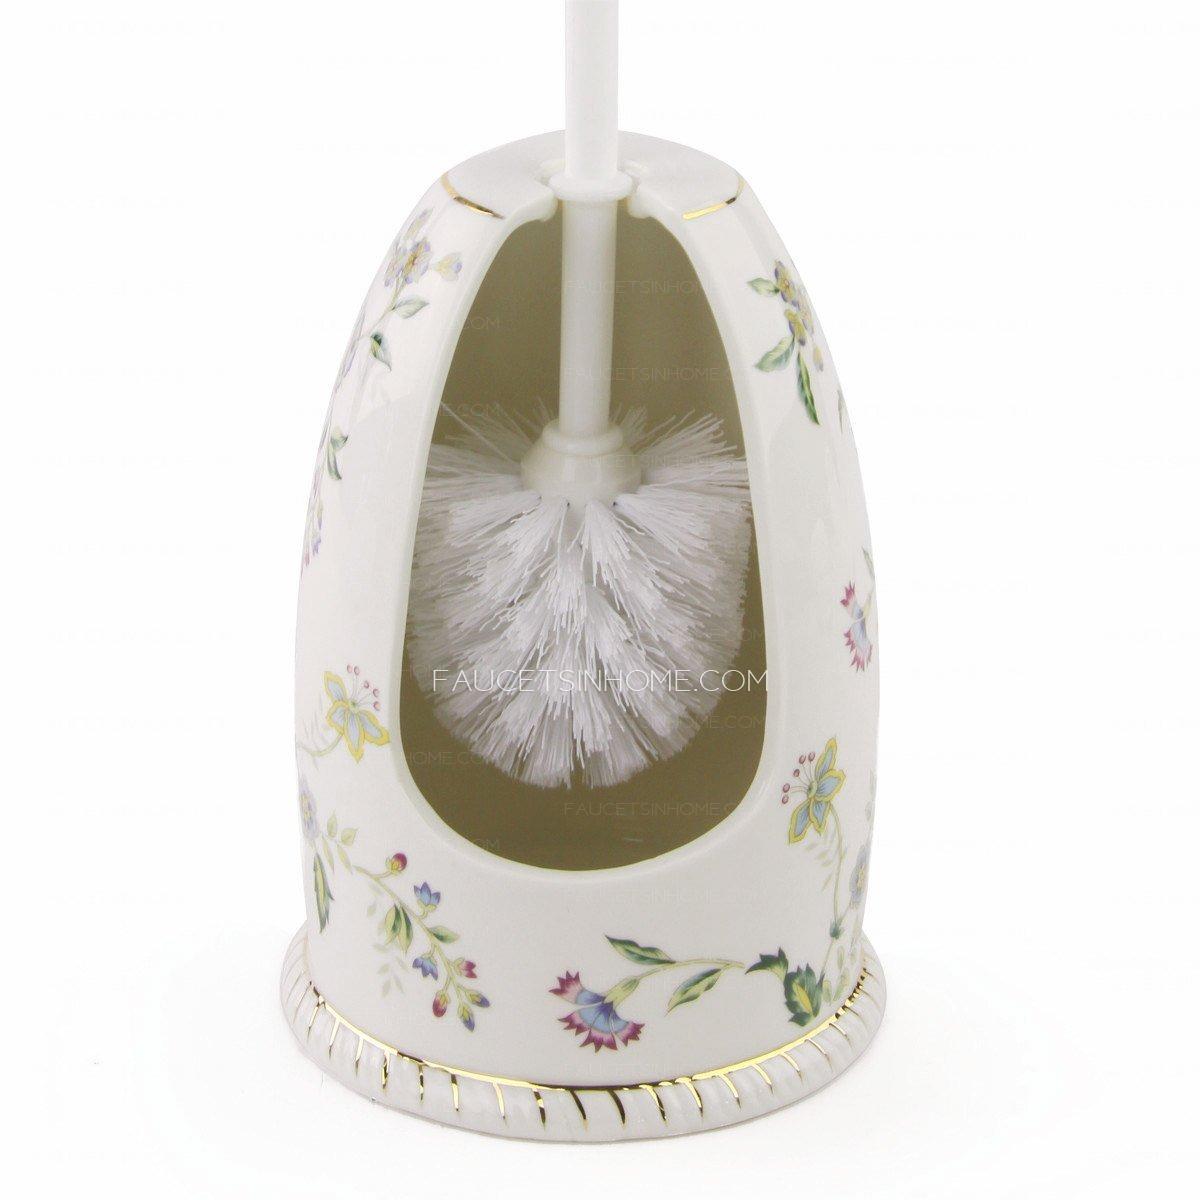 exquisite floral porcelain innovative toilet brush holder. Black Bedroom Furniture Sets. Home Design Ideas